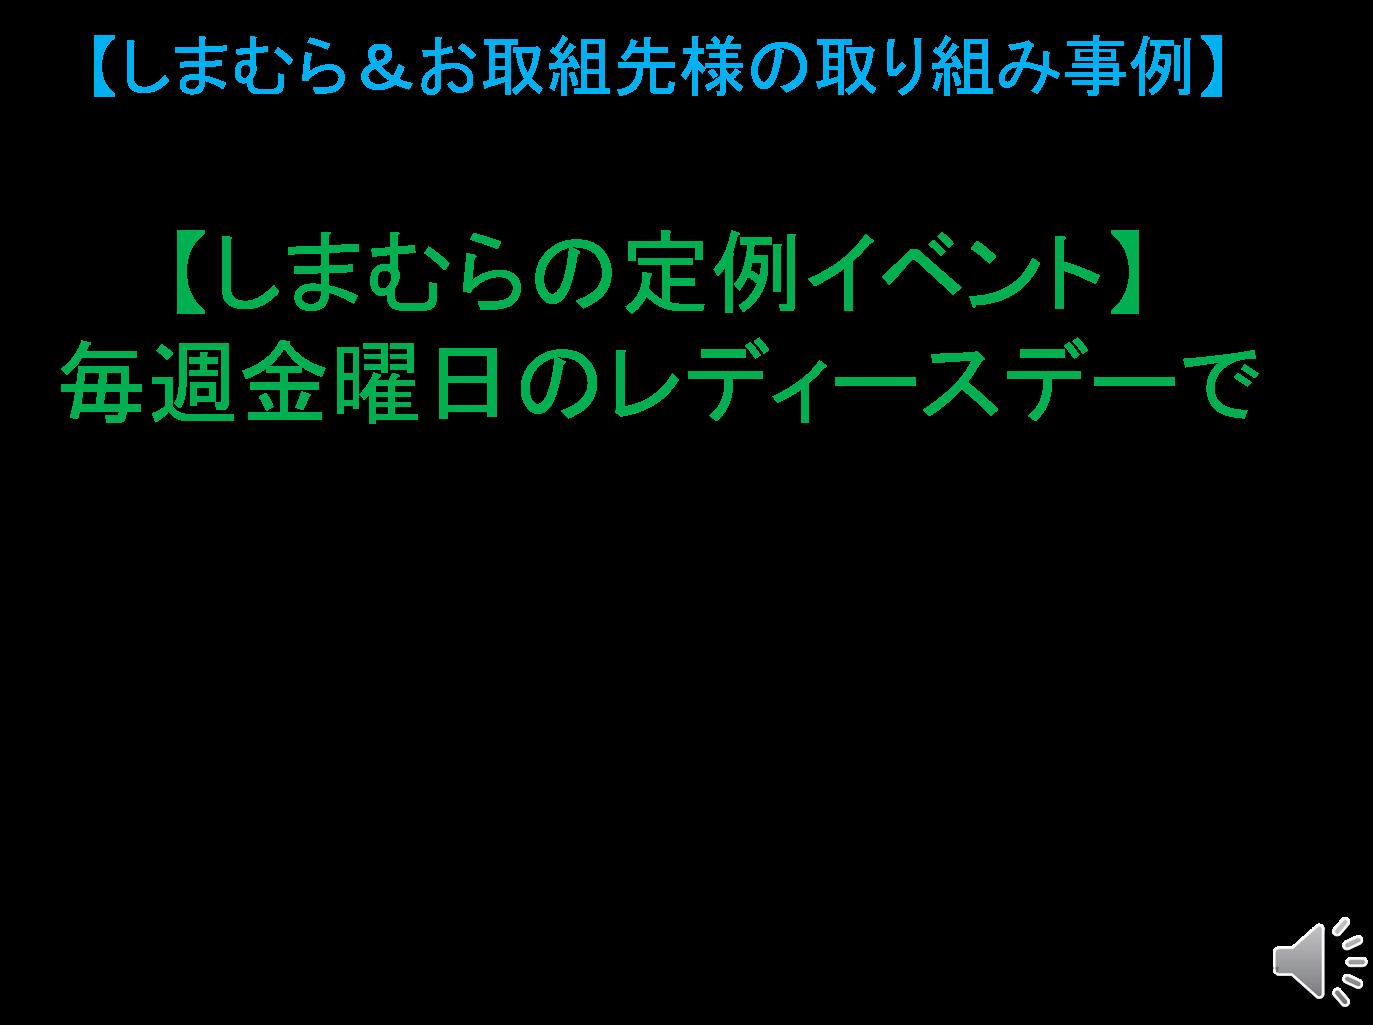 やる気と感動の祭典 東京FINAL 発表者発表 その3_f0070004_12553056.png